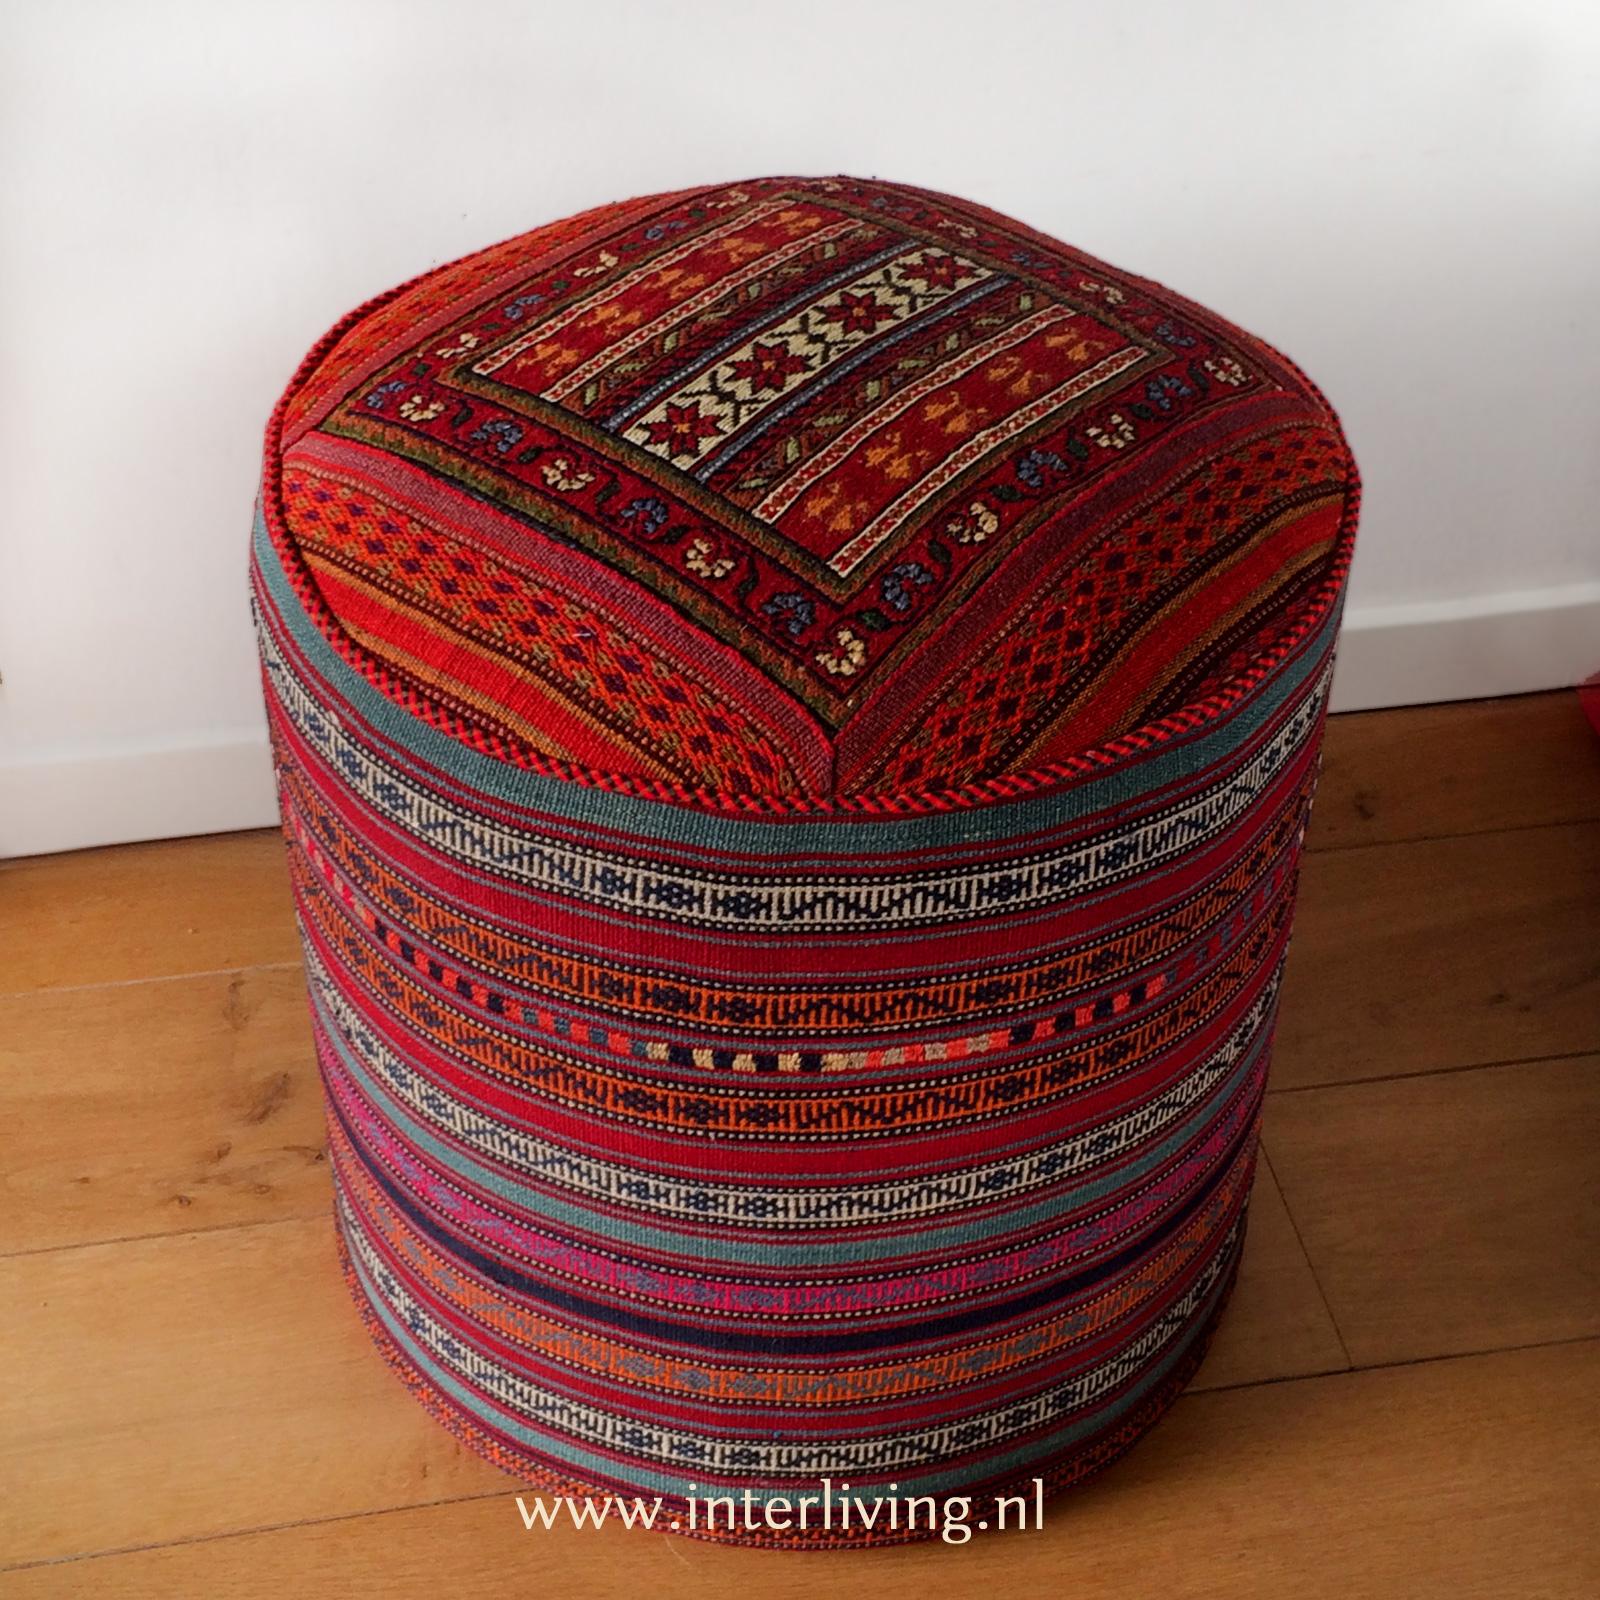 grote ronde poef van geweven kelim tapijt - handgemaakt uit Iran - binnenkijken oosterse woonstijl styling idee